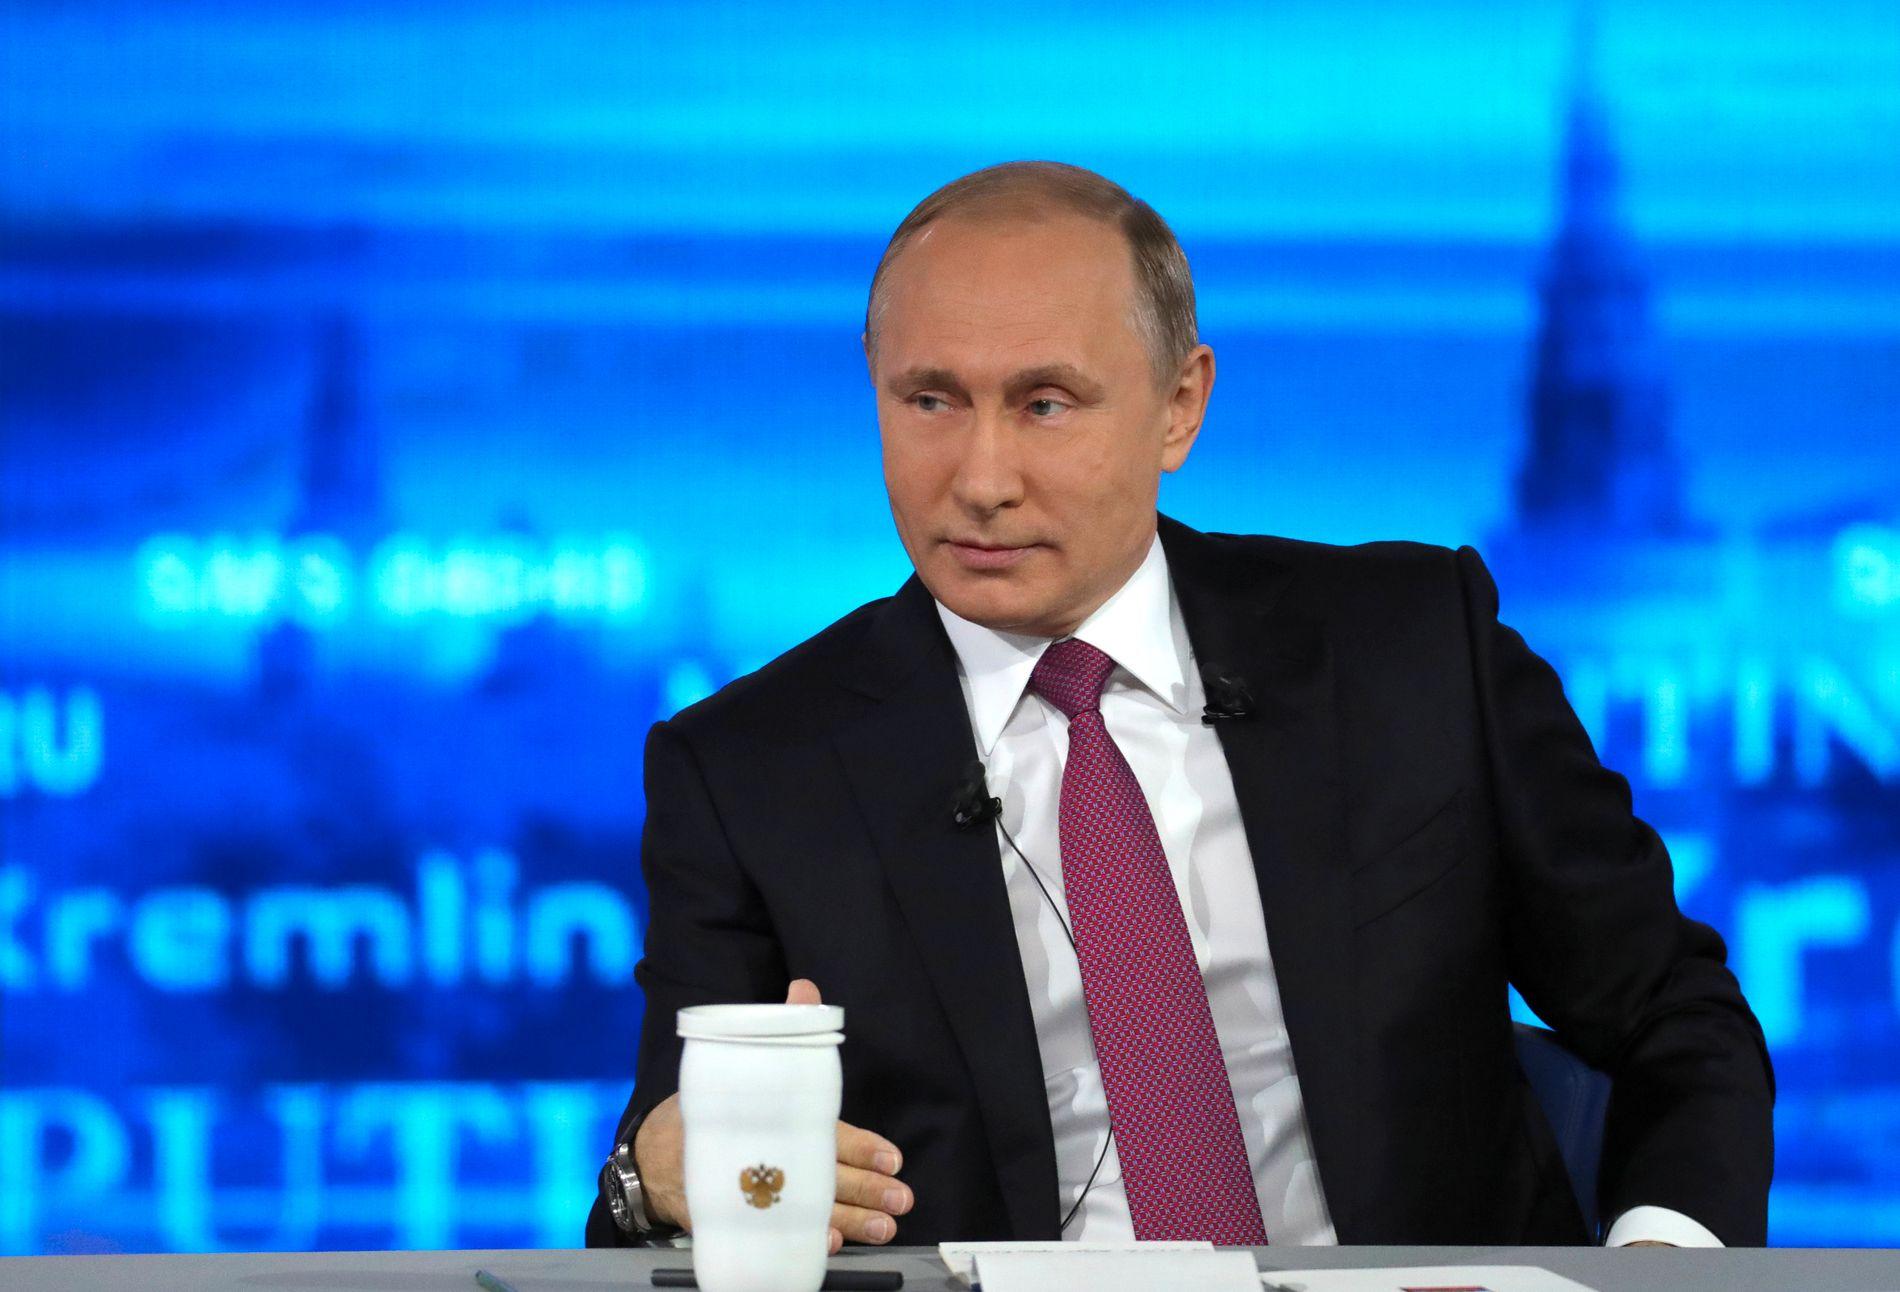 PLANLAGT: Ifølge NUPI-forsker Helge Blakkisrud er det storstilte showet med Putin i fokus nøye planlagt. Han forteller at spørsmålene er avtalt på forhånd. Her er Putin under årets innringingsseanse.